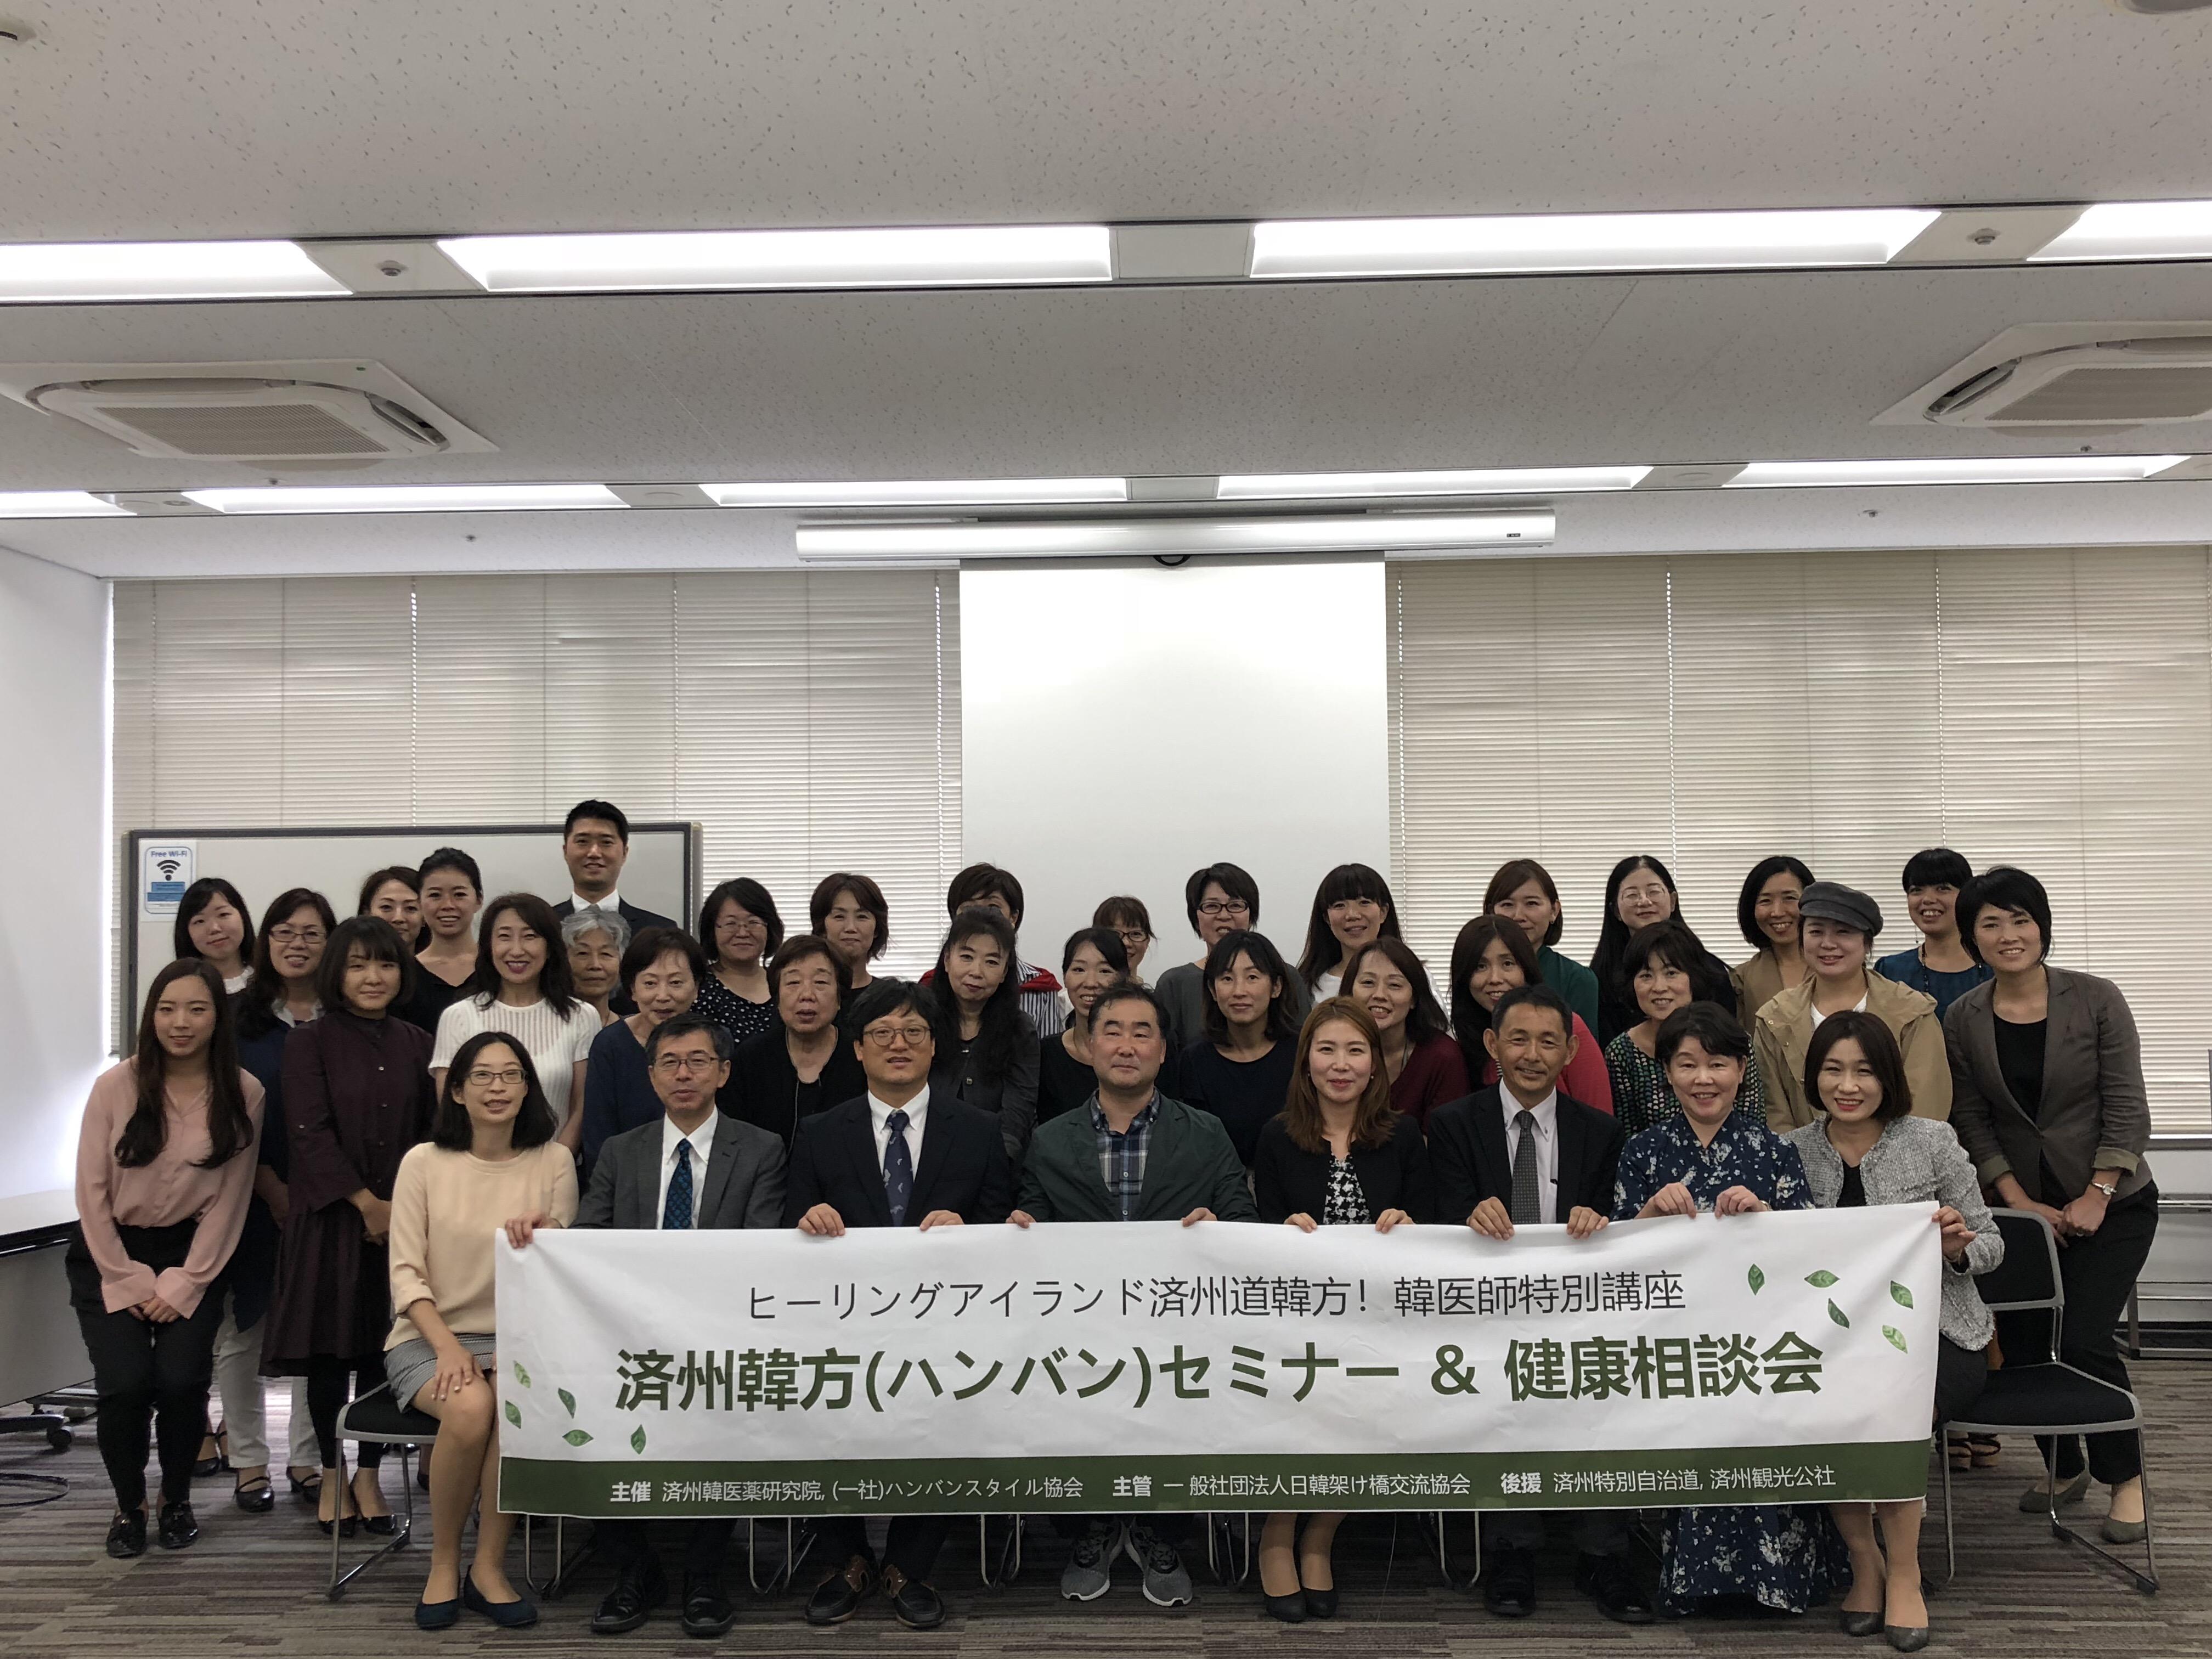 1. 일본 오사카 '제주 한의웰니스 관광설명회'